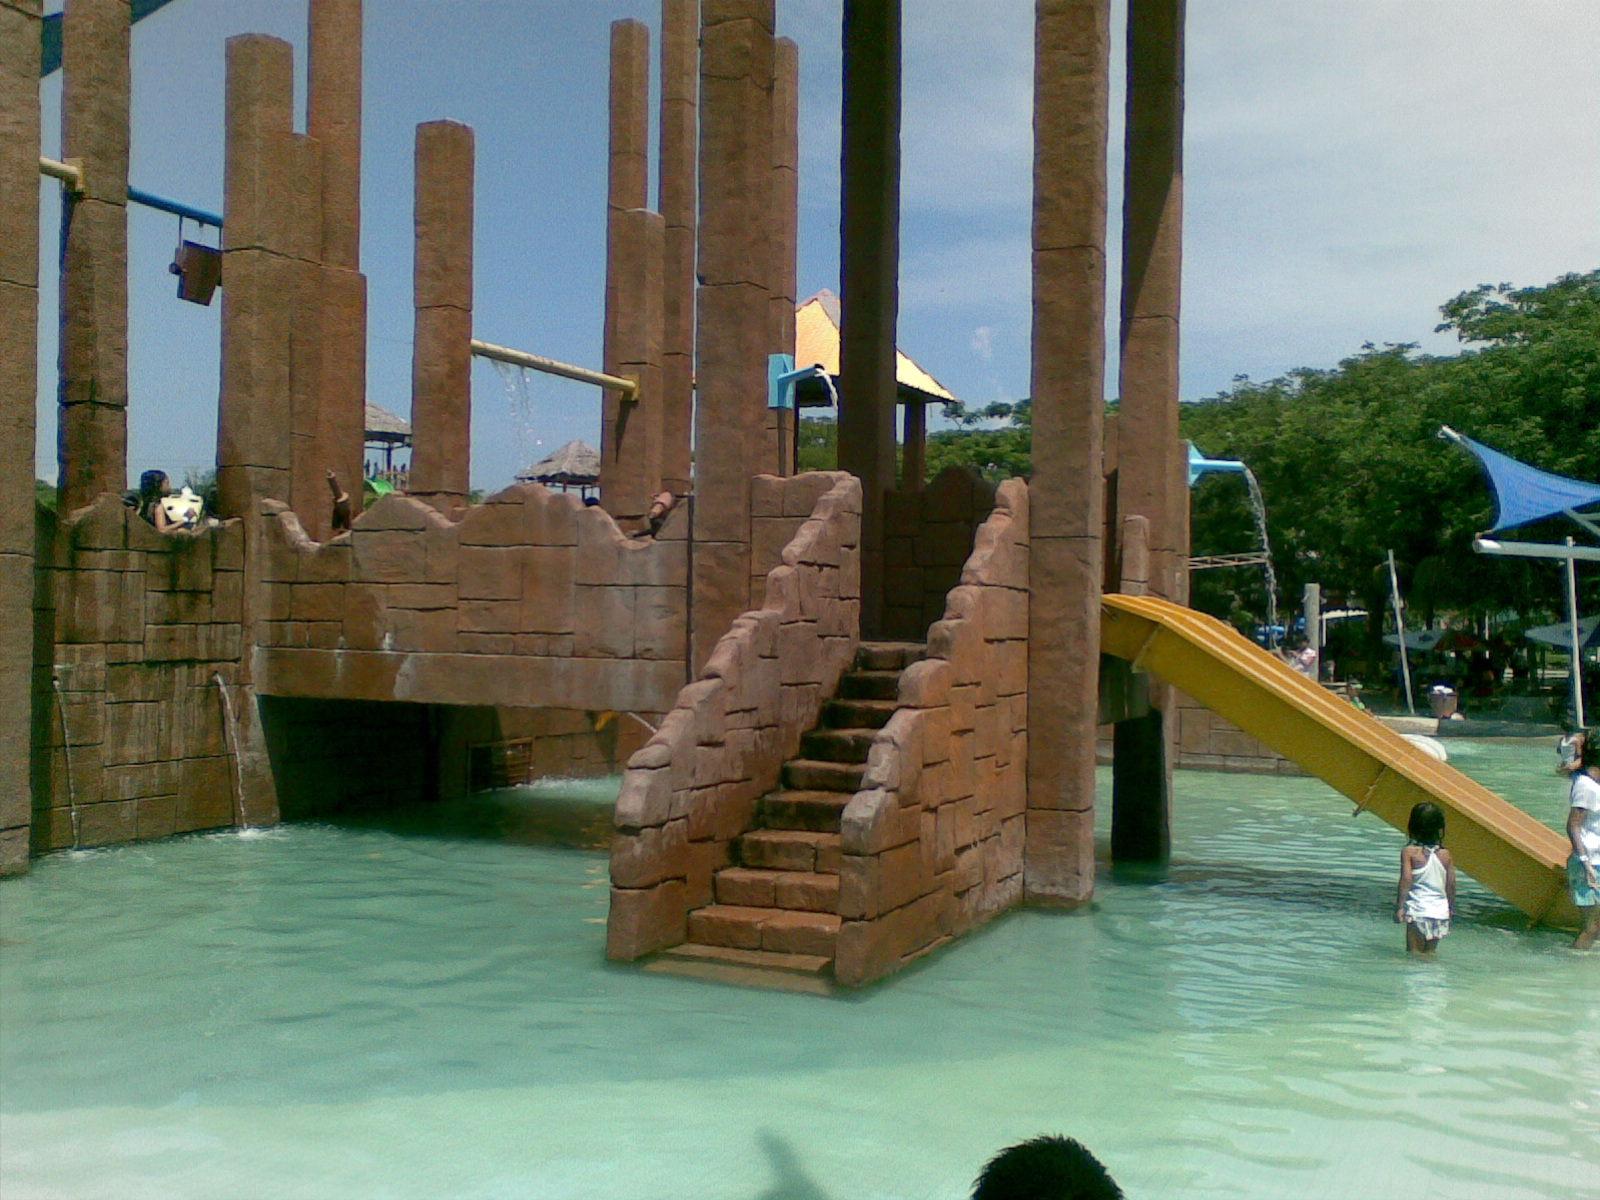 Obyek Wisata Januari 2012 Berada Persis Bibir Pantai Pemandangan Laut